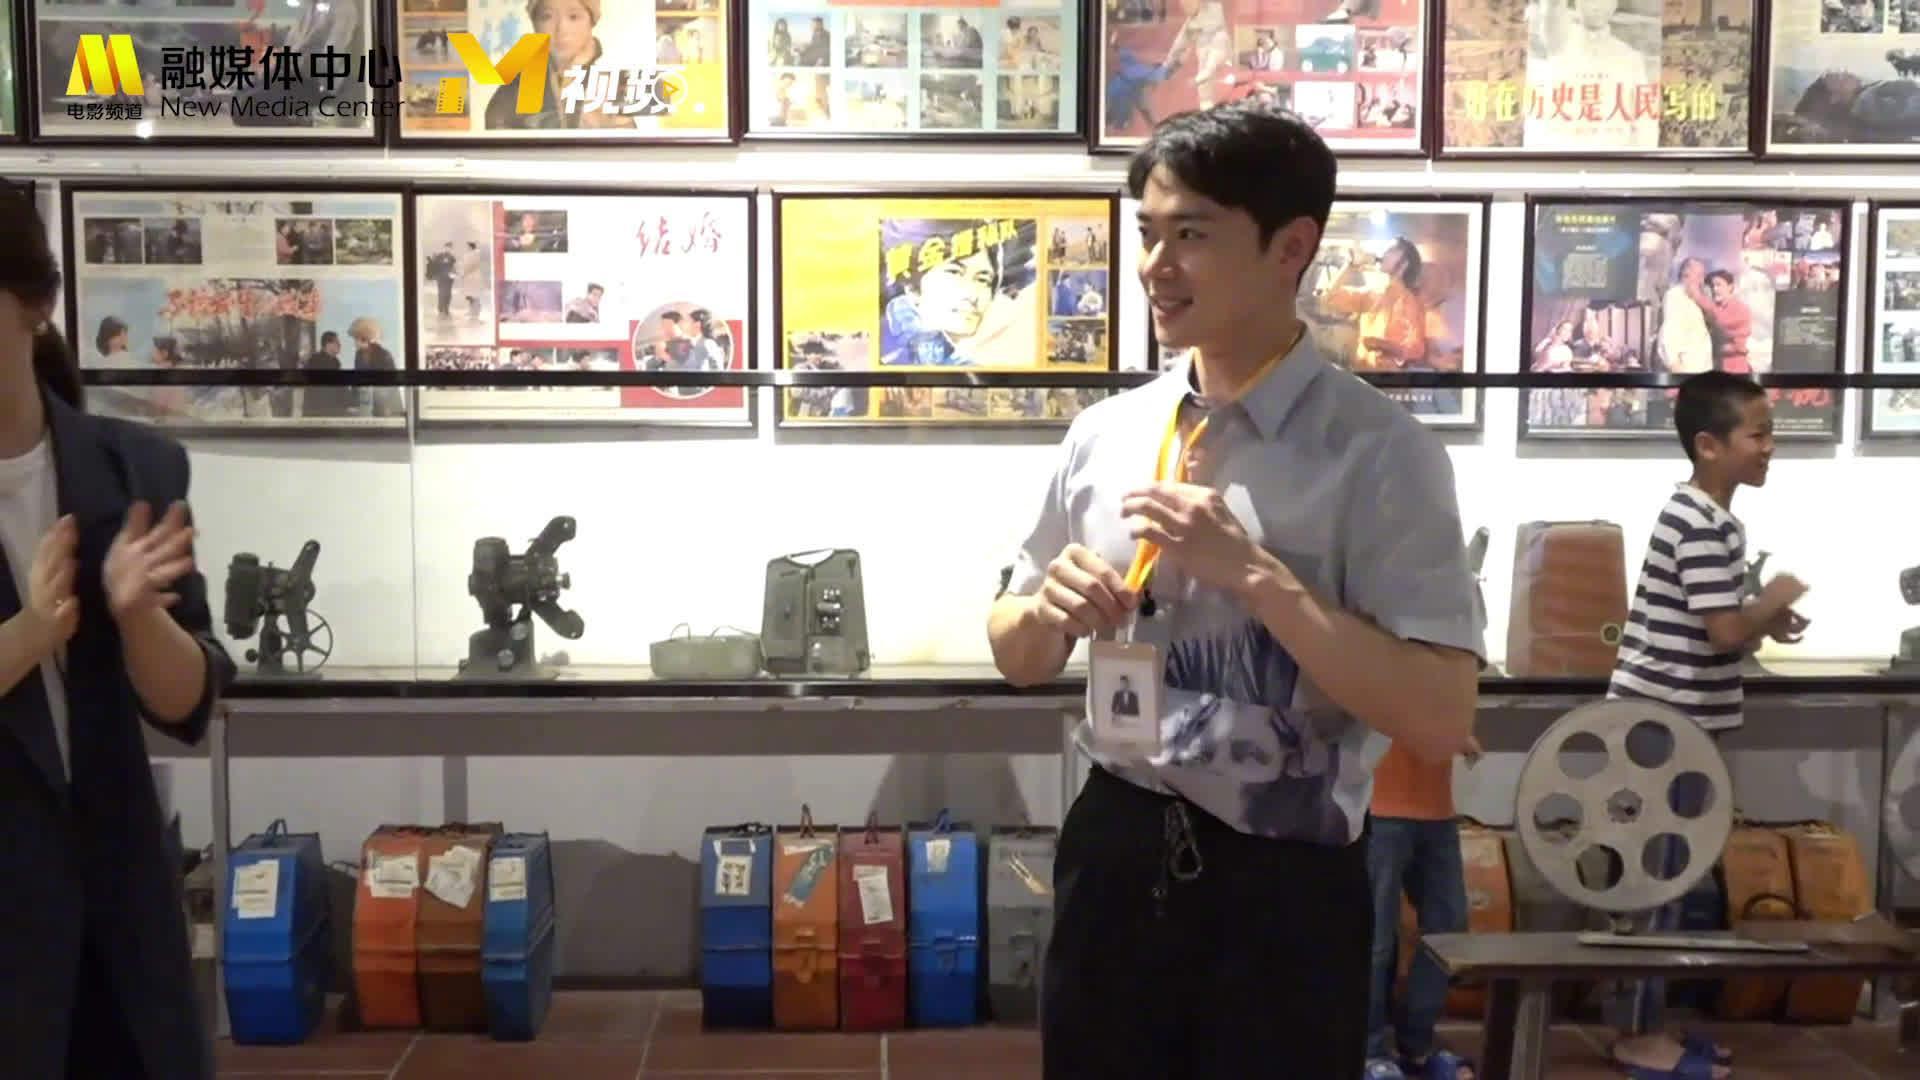 入选成员@曹骏Neil 在 直播中带来了精彩的功夫表演…………